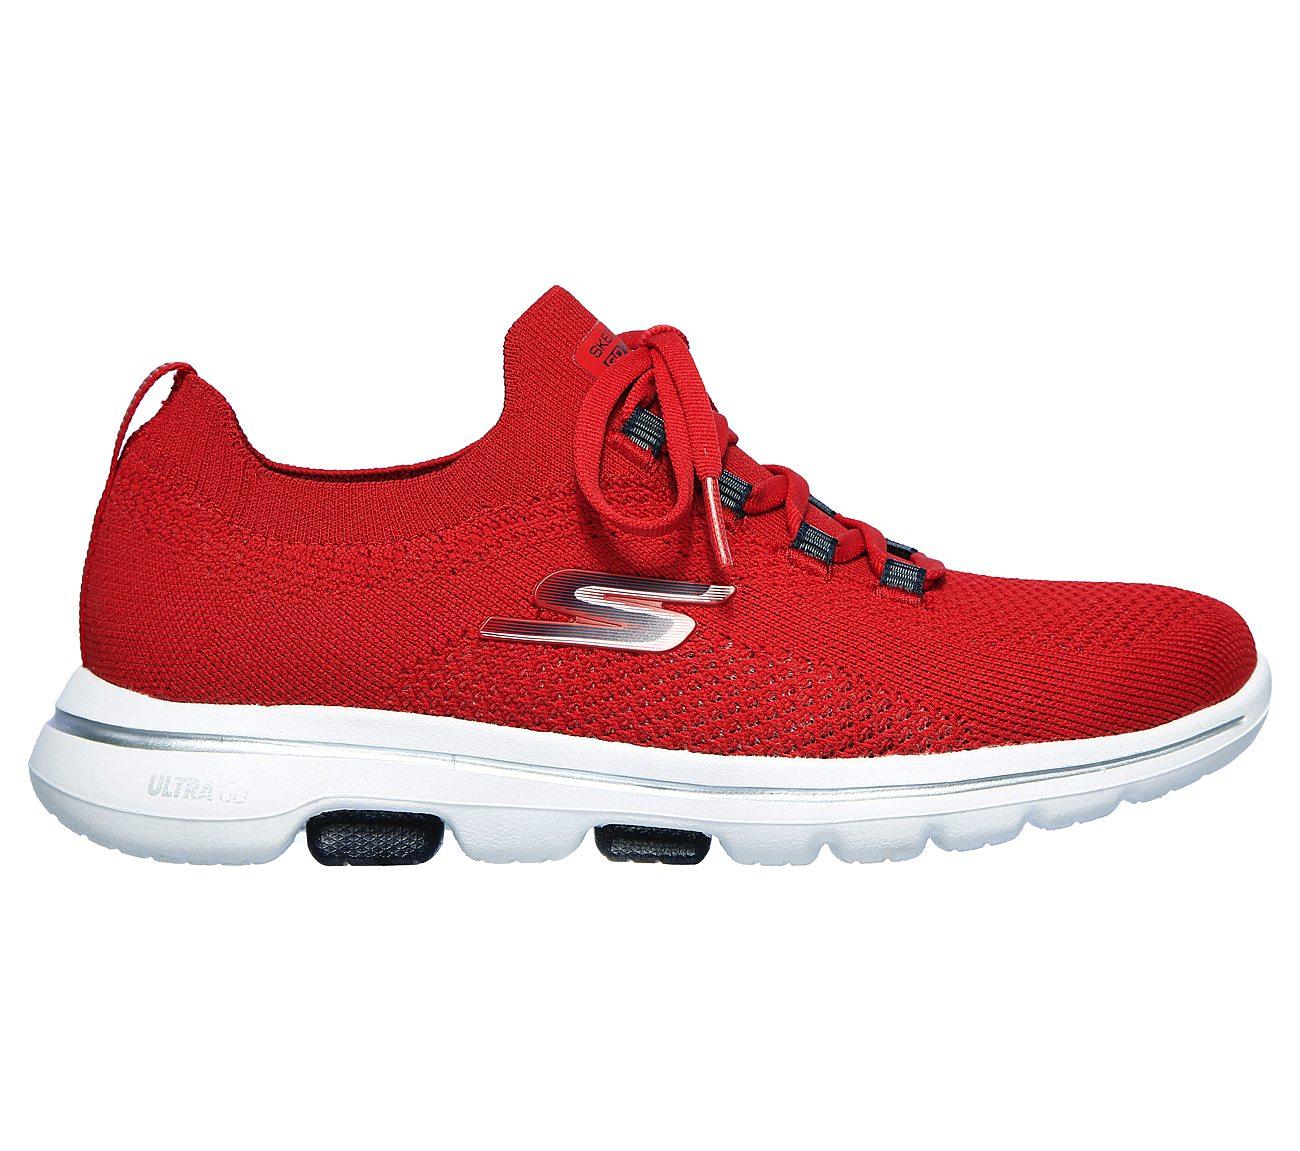 Buy SKECHERS Skechers GOwalk 5 - Uprise